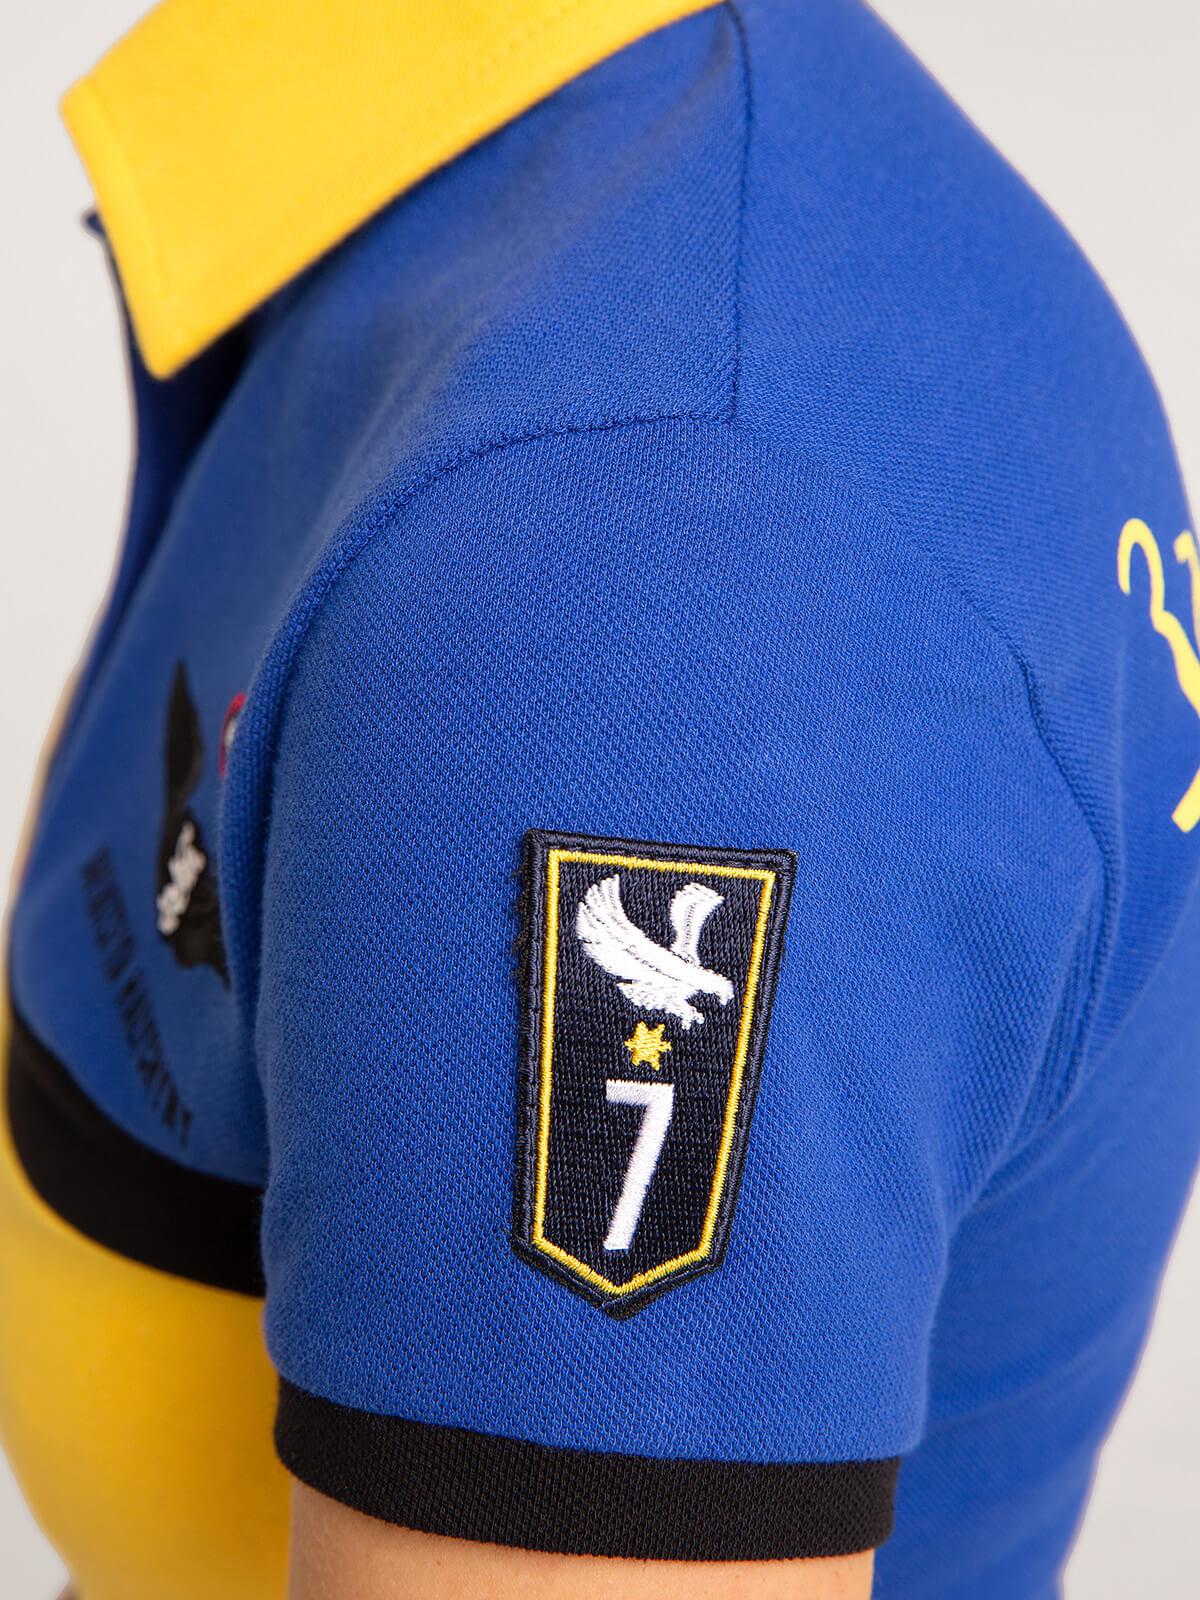 Жіноче Поло 7 Бригада (Петро Франко). Колір синій.  Зріст моделі: 163 см.